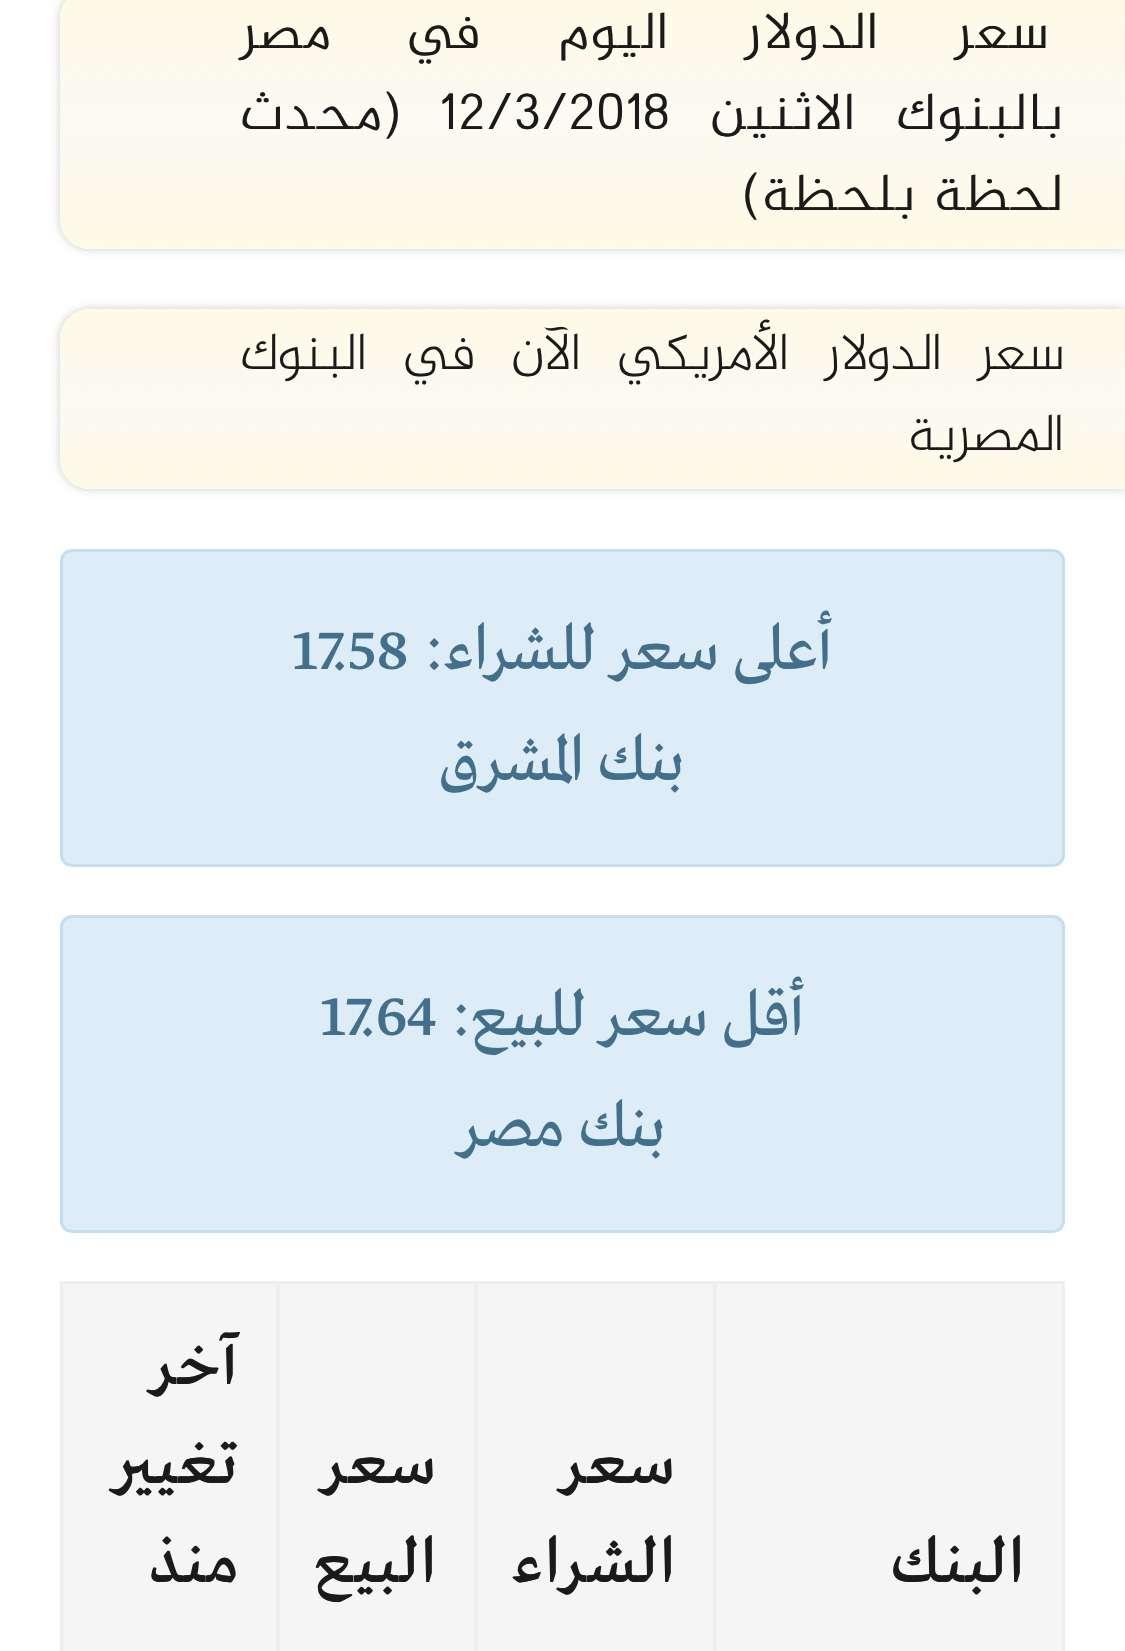 سعر الدولار اليوم جميع البنوك الاثنين 12/3/2018 في بنك الأهلي الكويتي والسوق السوداء مقابل الجنيه